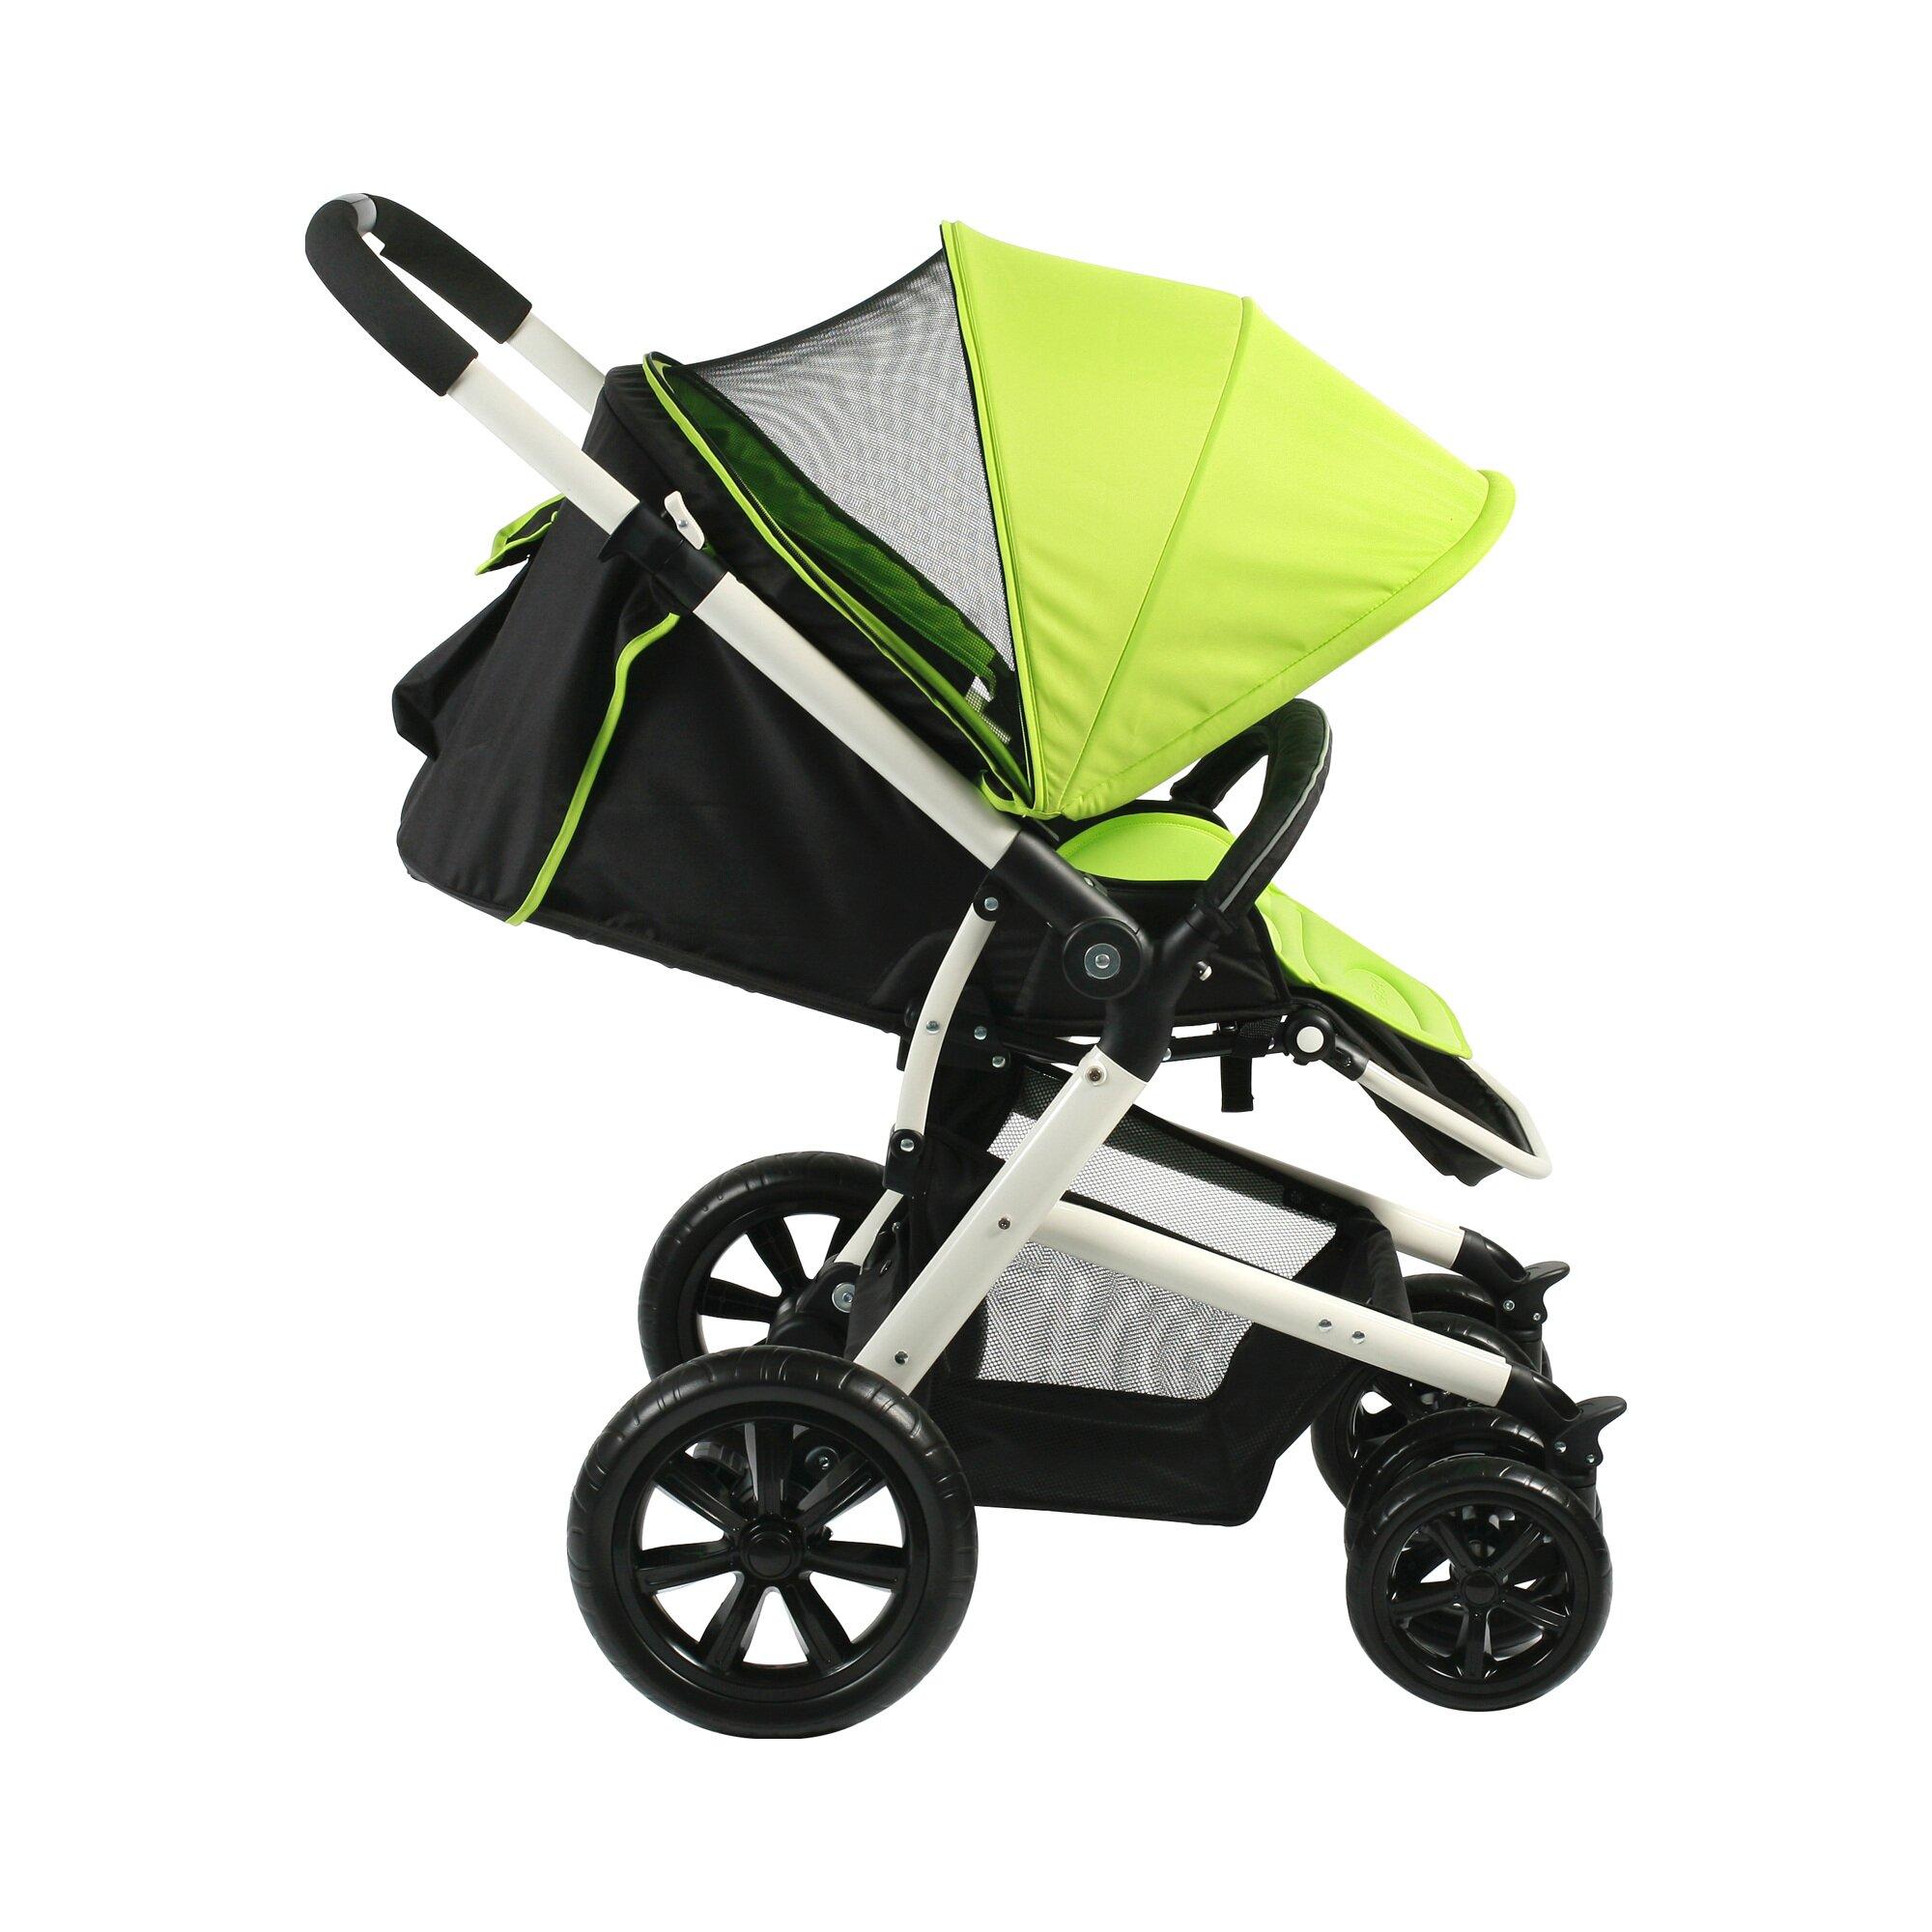 chic-4-baby-pronto-kinderwagen-sportwagen-gruen